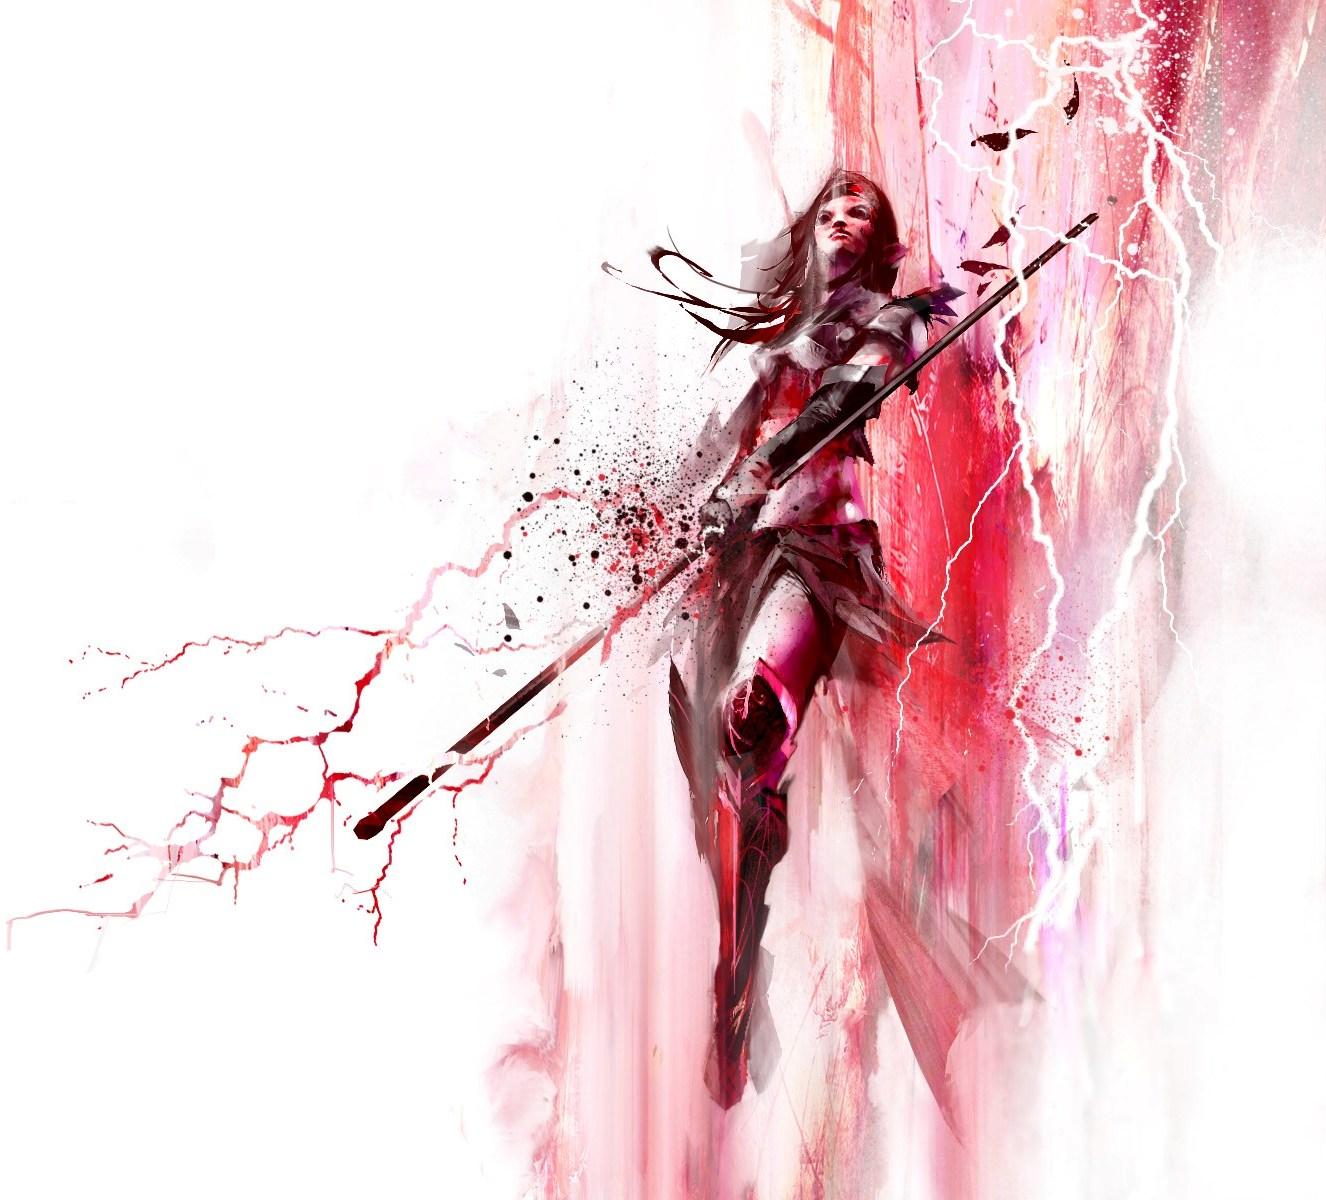 https://i1.wp.com/wiki.guildwars2.com/images/0/06/Elementalist_02_concept_art.jpg